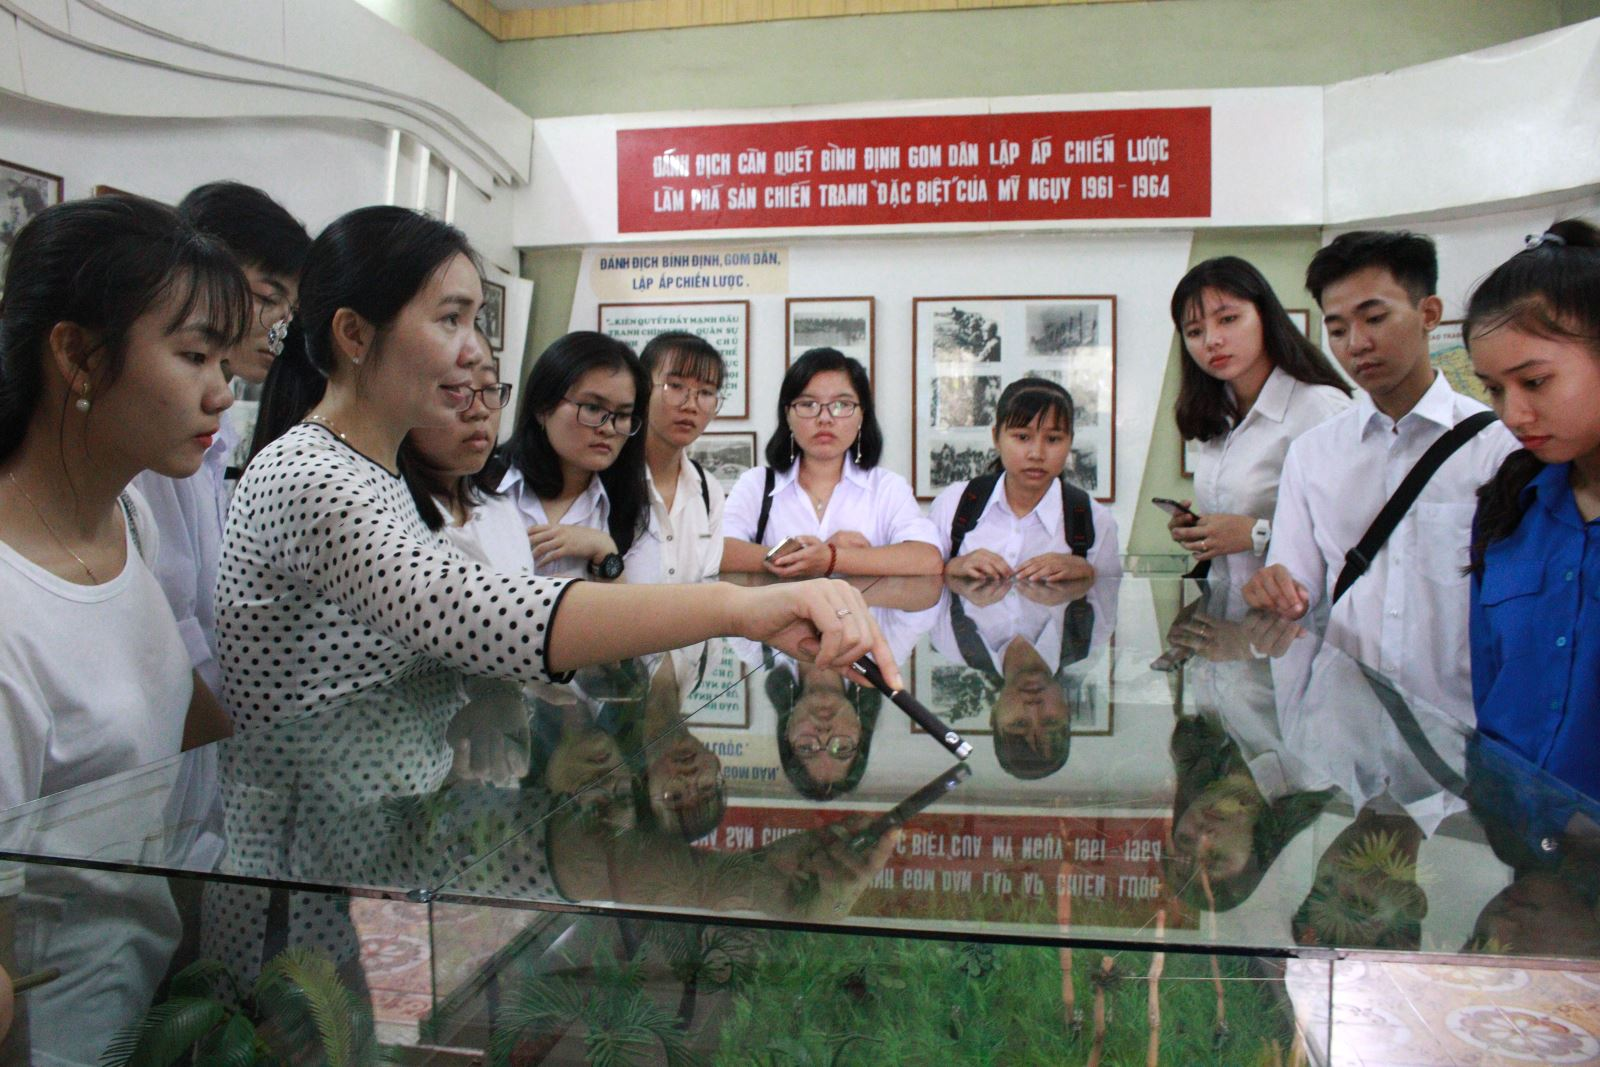 Phân hiệu ĐHQG-HCM tại tỉnh Bến Tre tổ chức tuần sinh hoạt công dân đầu khóa cho Tân sinh viên Khóa 2018